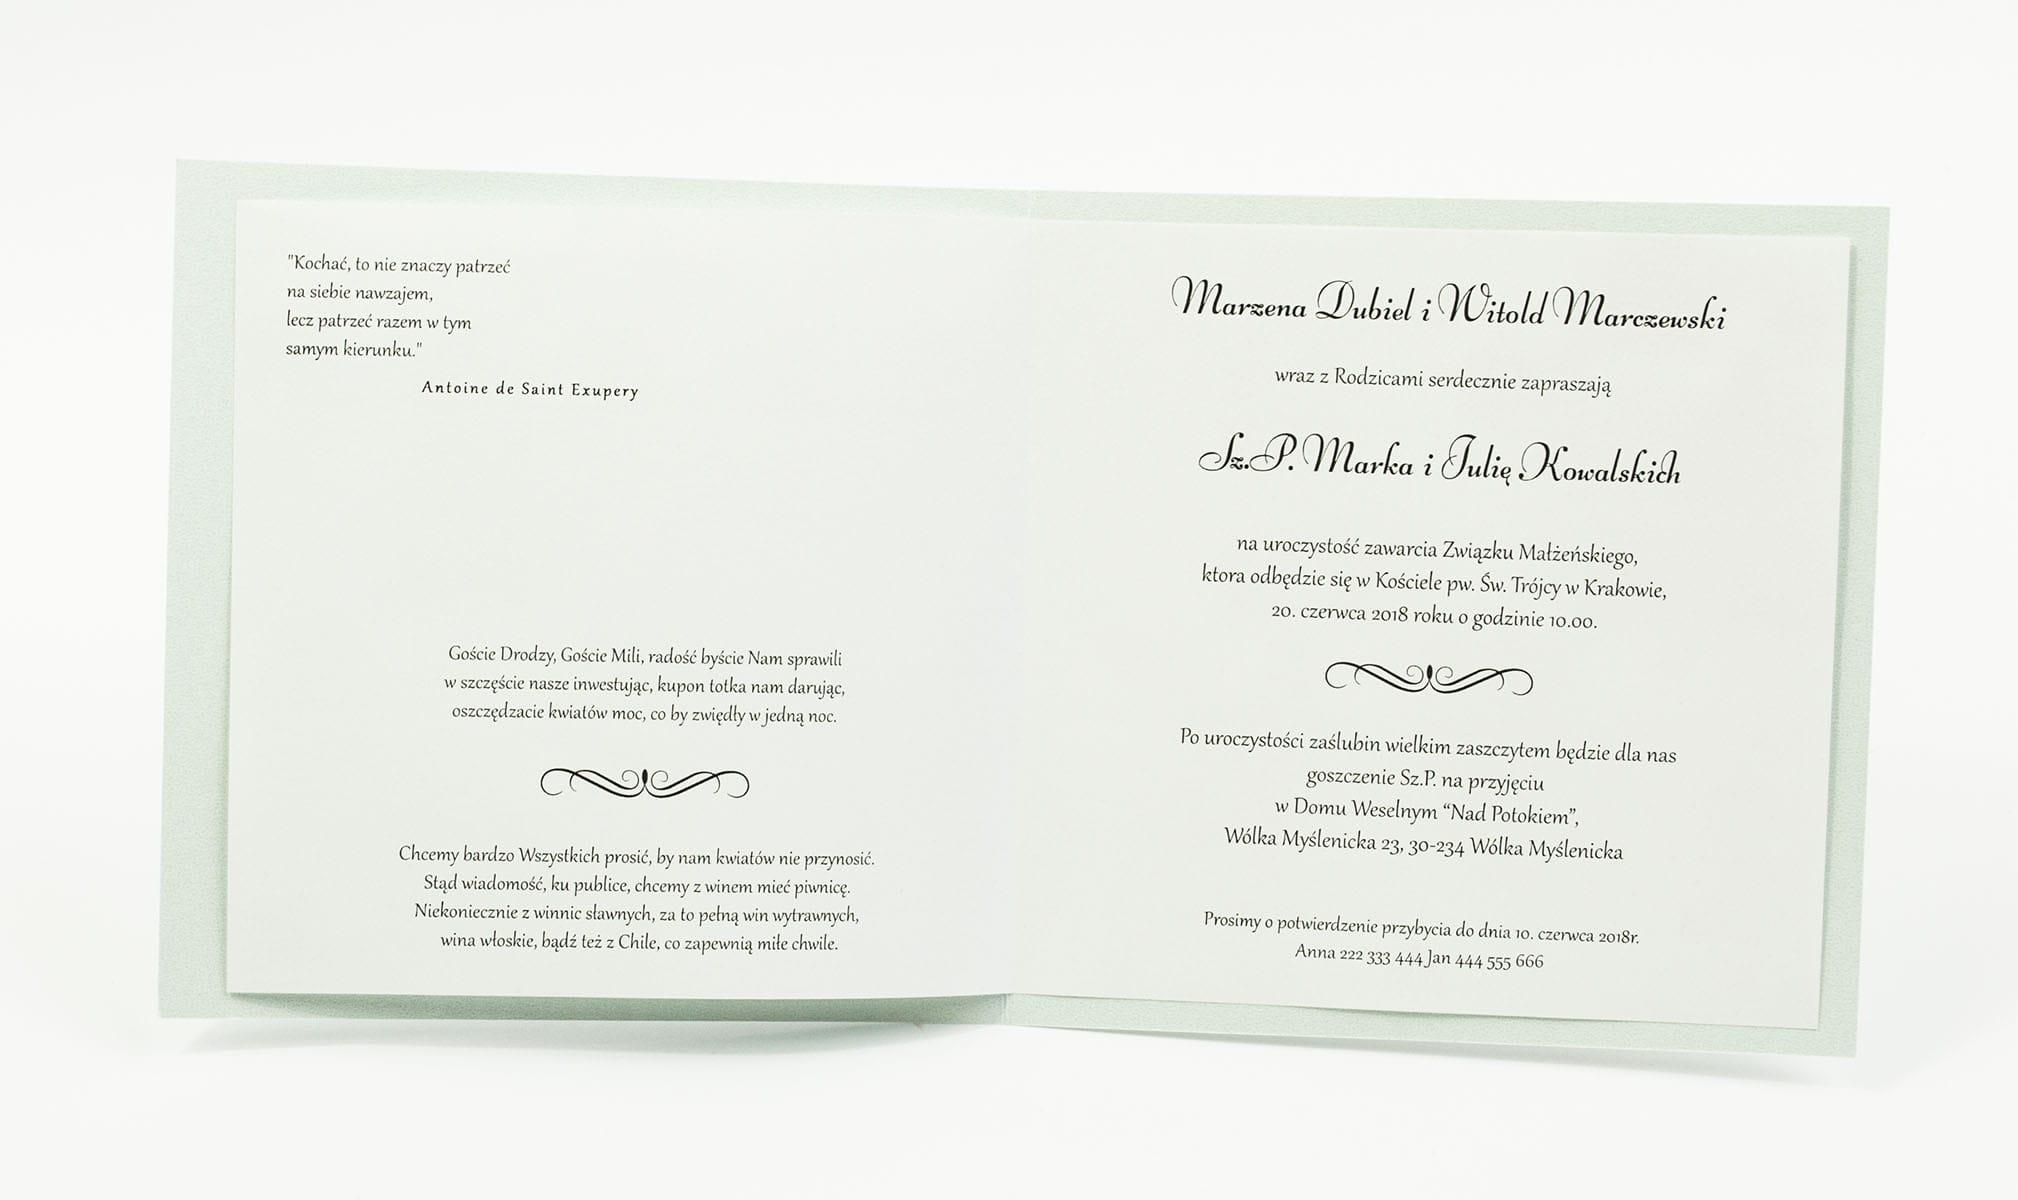 Zaproszenia ślubne na błękitnym papierze perłowym, z wstążką w kolorze jasnobłękitnym i cyrkonią oraz wklejanym wnętrzem. ZAP-61-18